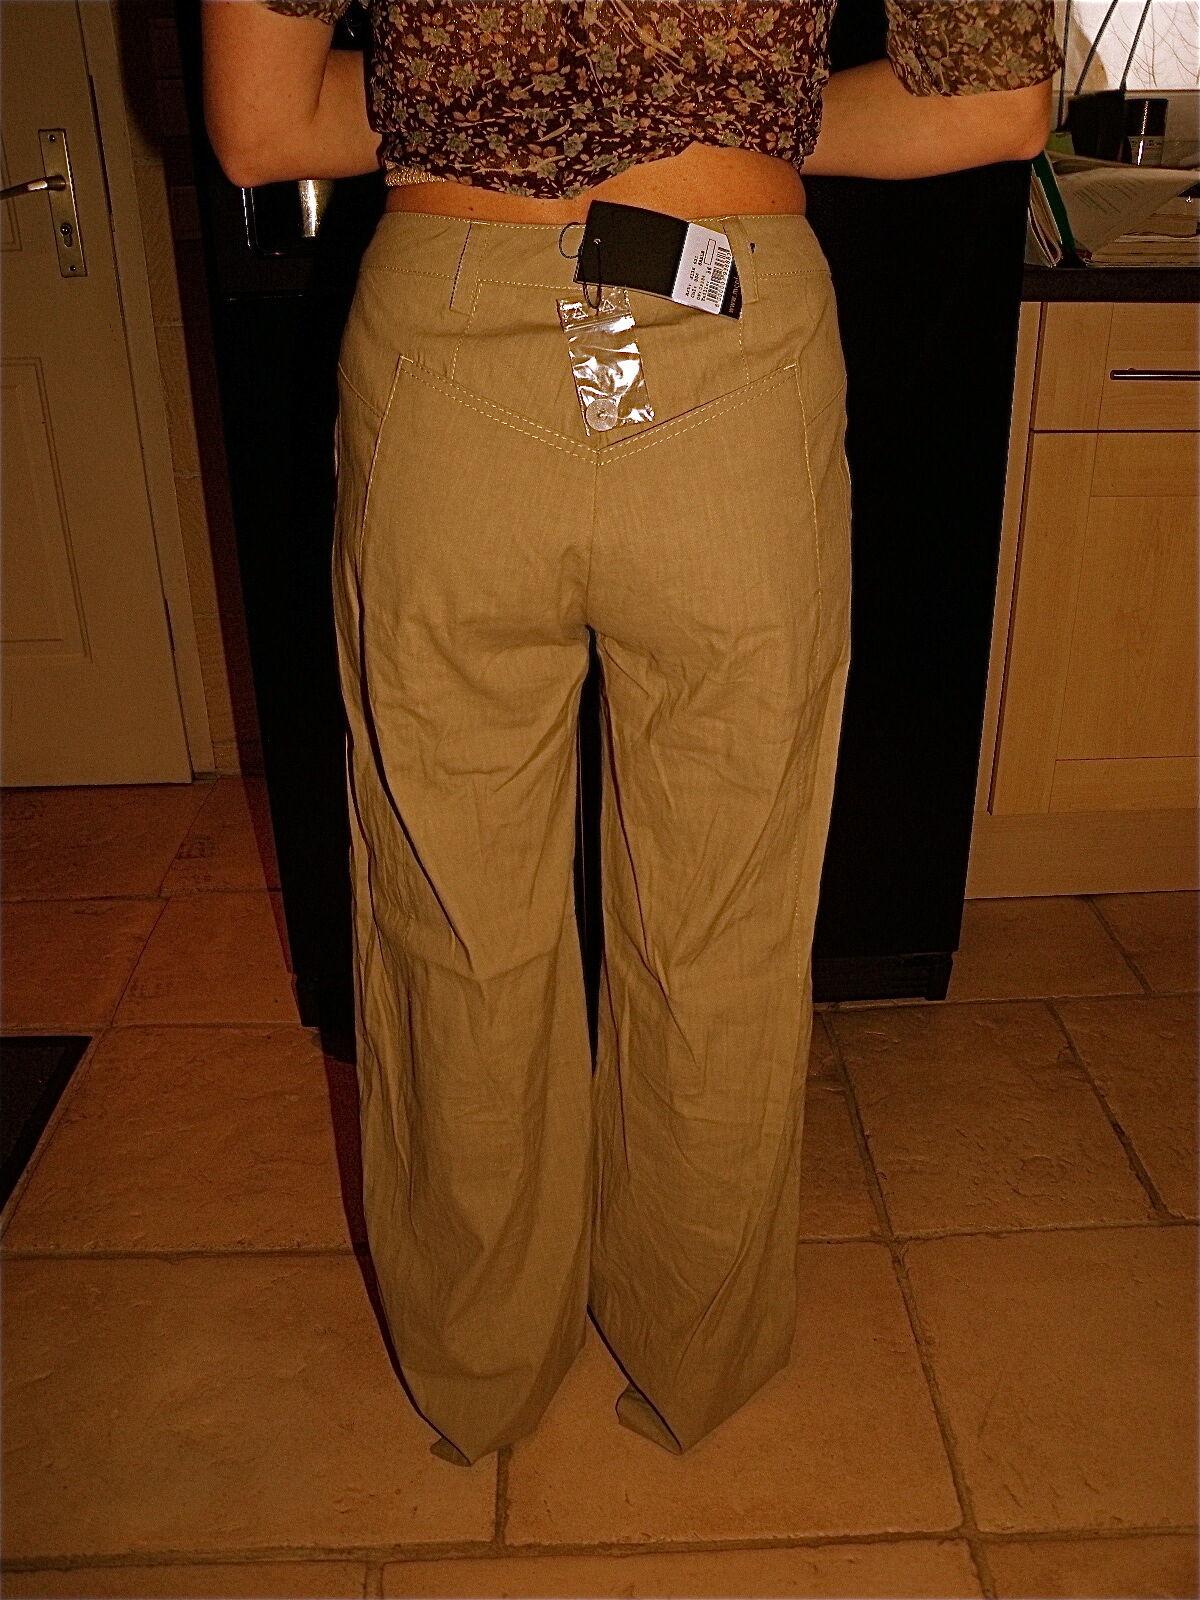 Eccezionale pantaloni grande beige MC PLANET PLANET PLANET taglia 44 NUOVO CON ETICHETTA 150417